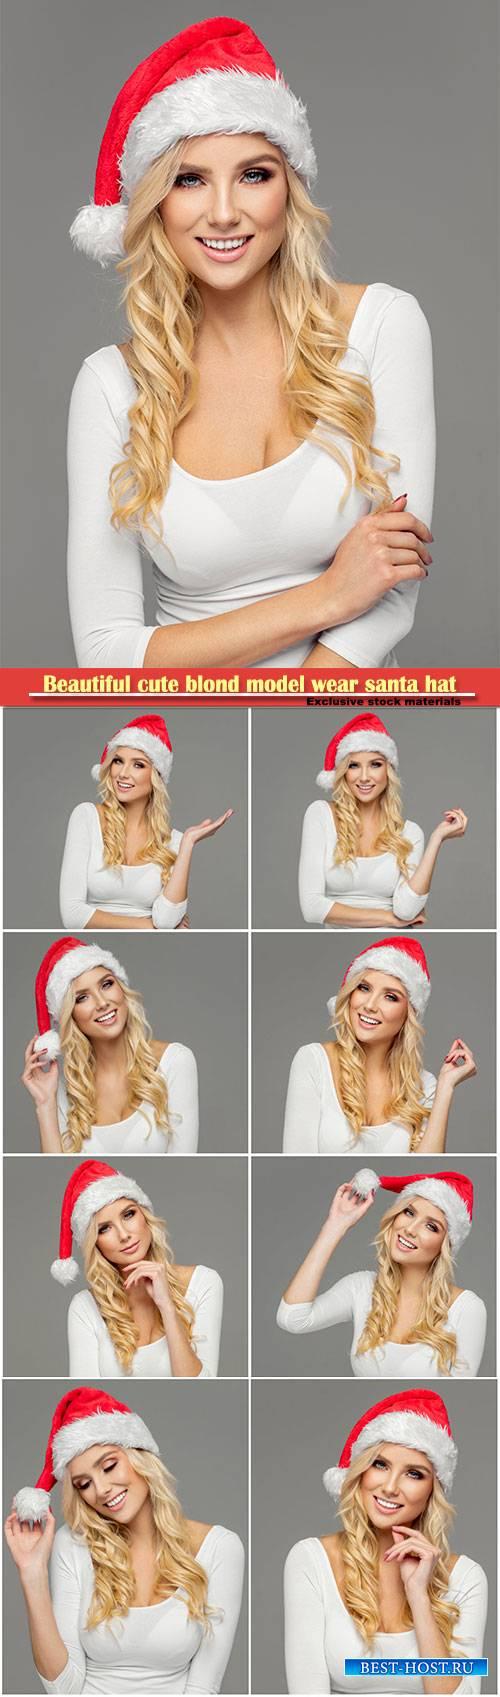 Beautiful cute blond model wear santa hat